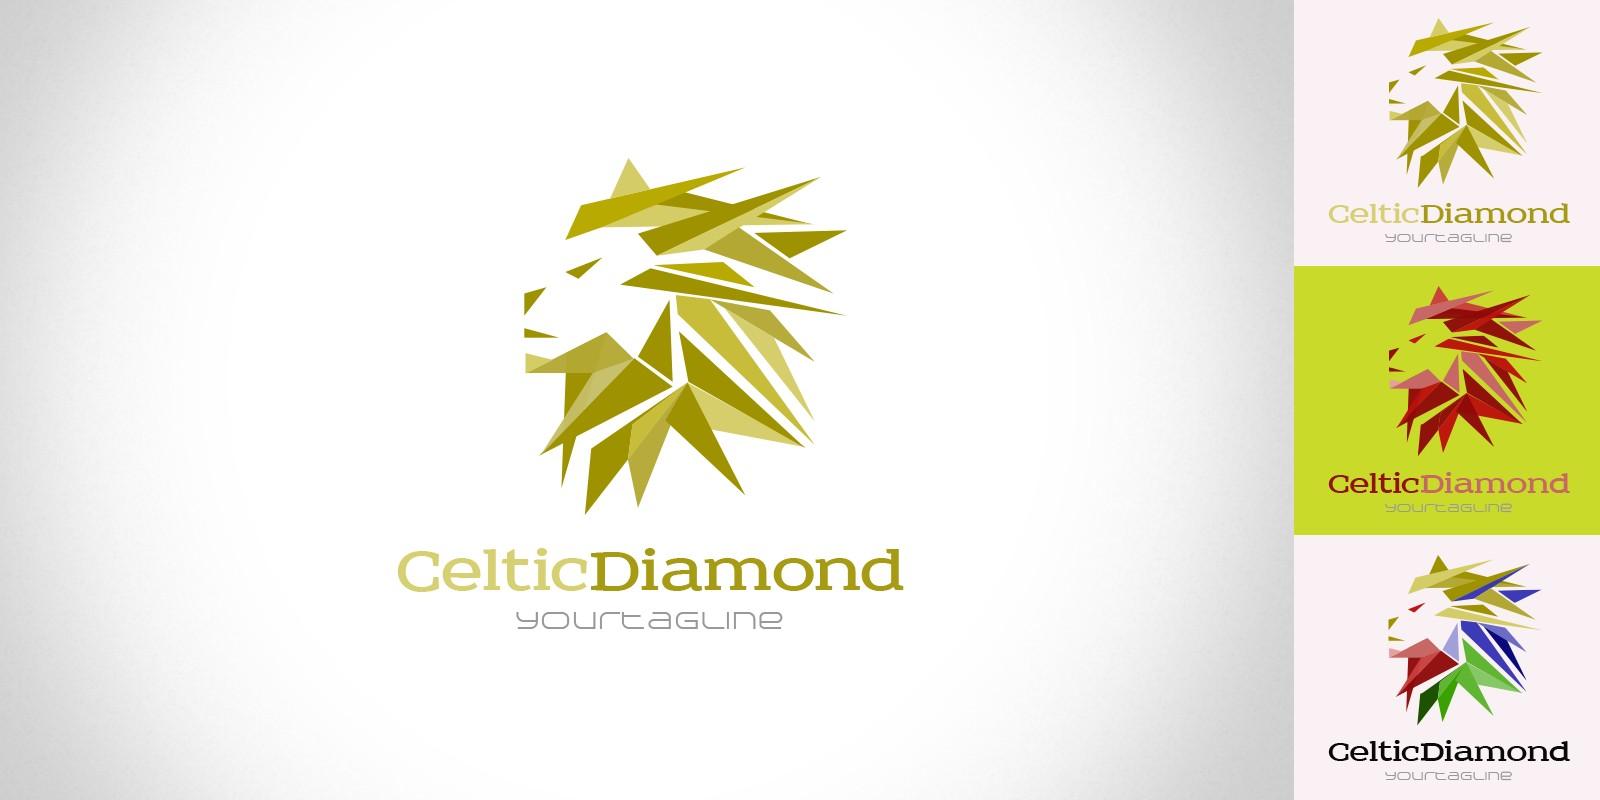 Celtic Diamond - Logo Template